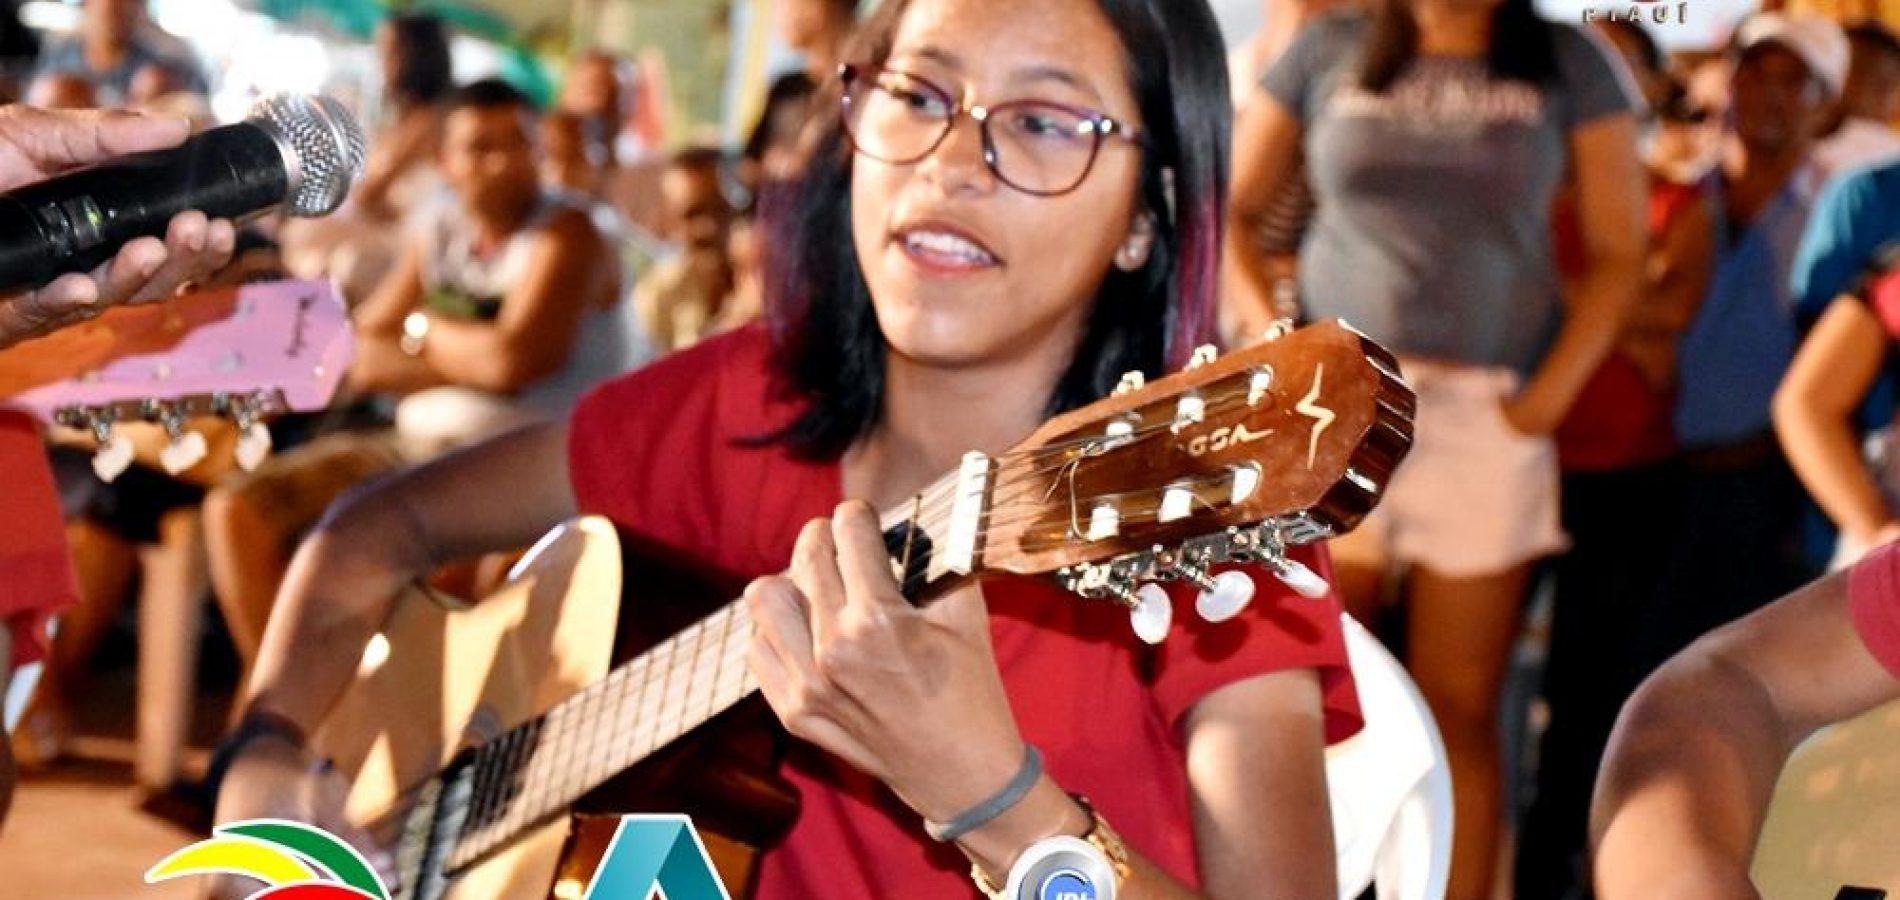 Jovem cantora inhumense sonha com sucesso ao estilo voz e violão